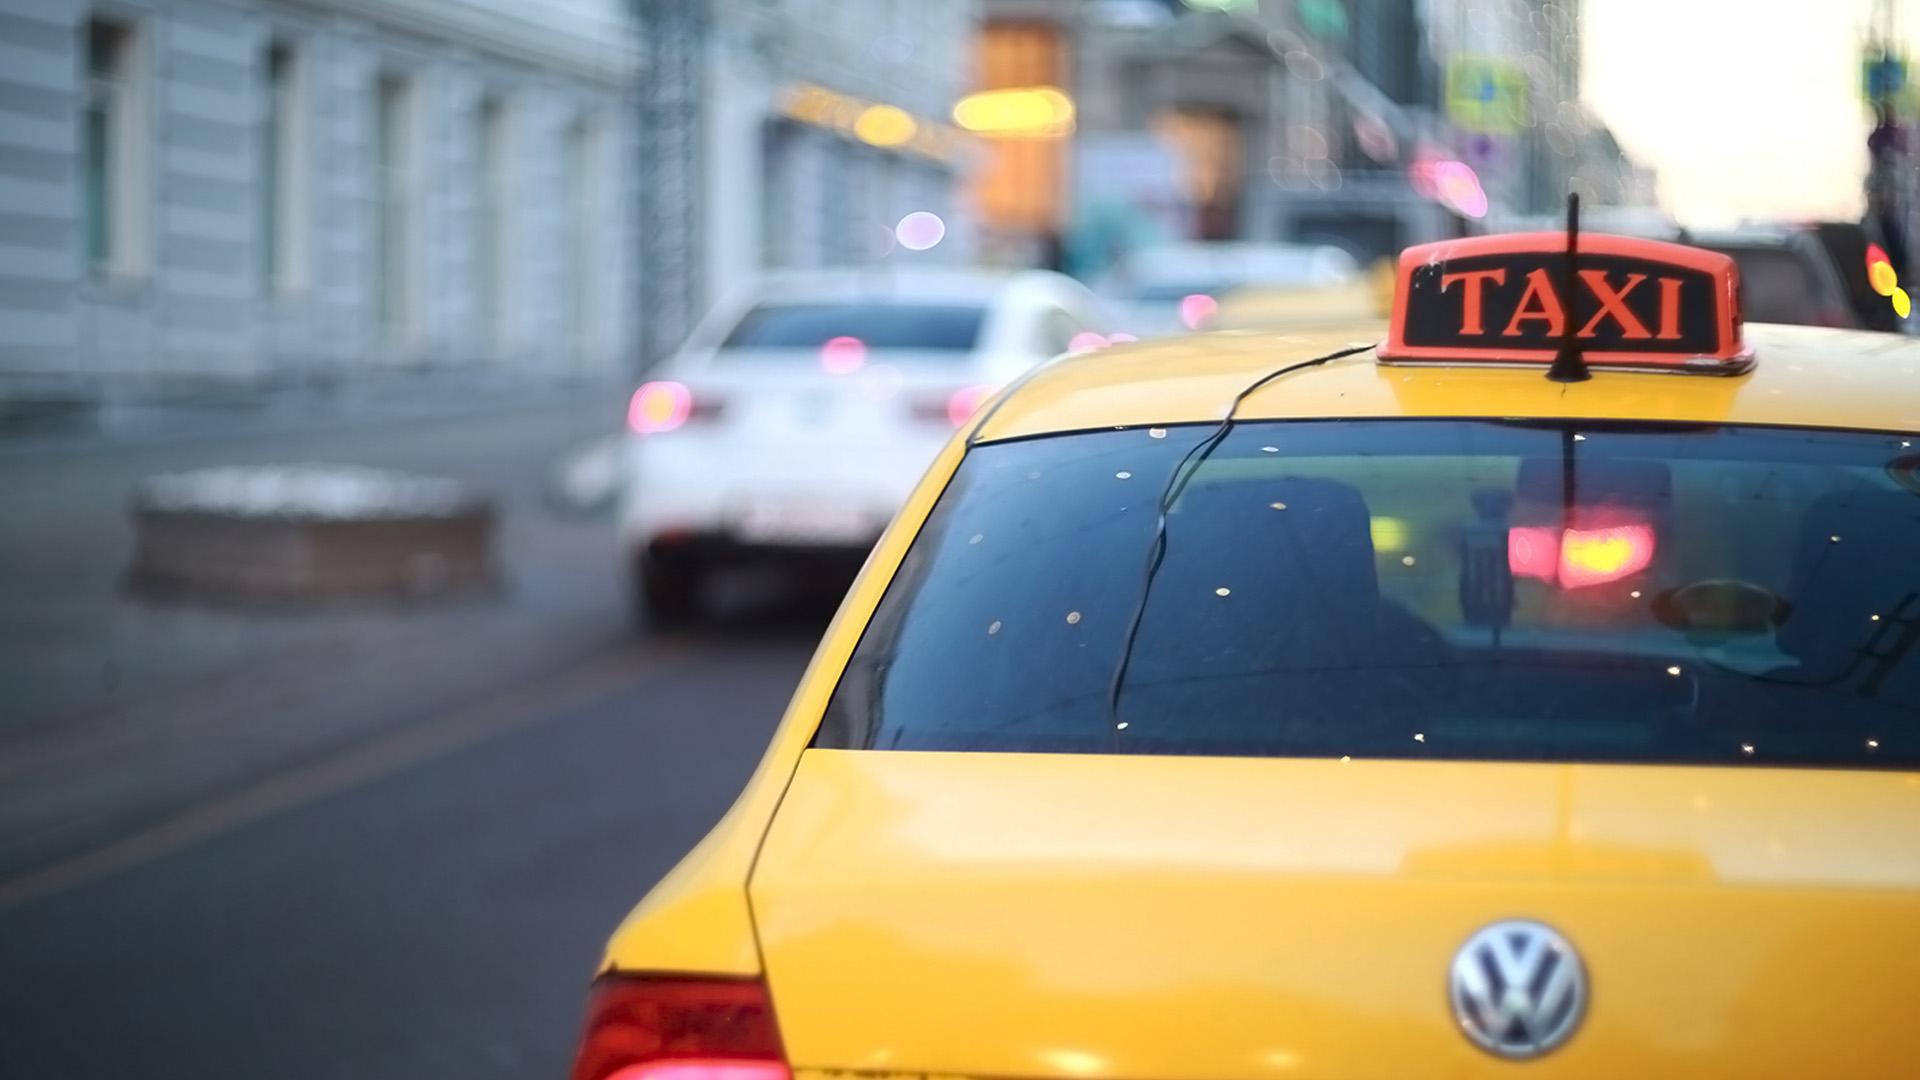 Агрегаторы такси будут передавать властям персональные данные водителей